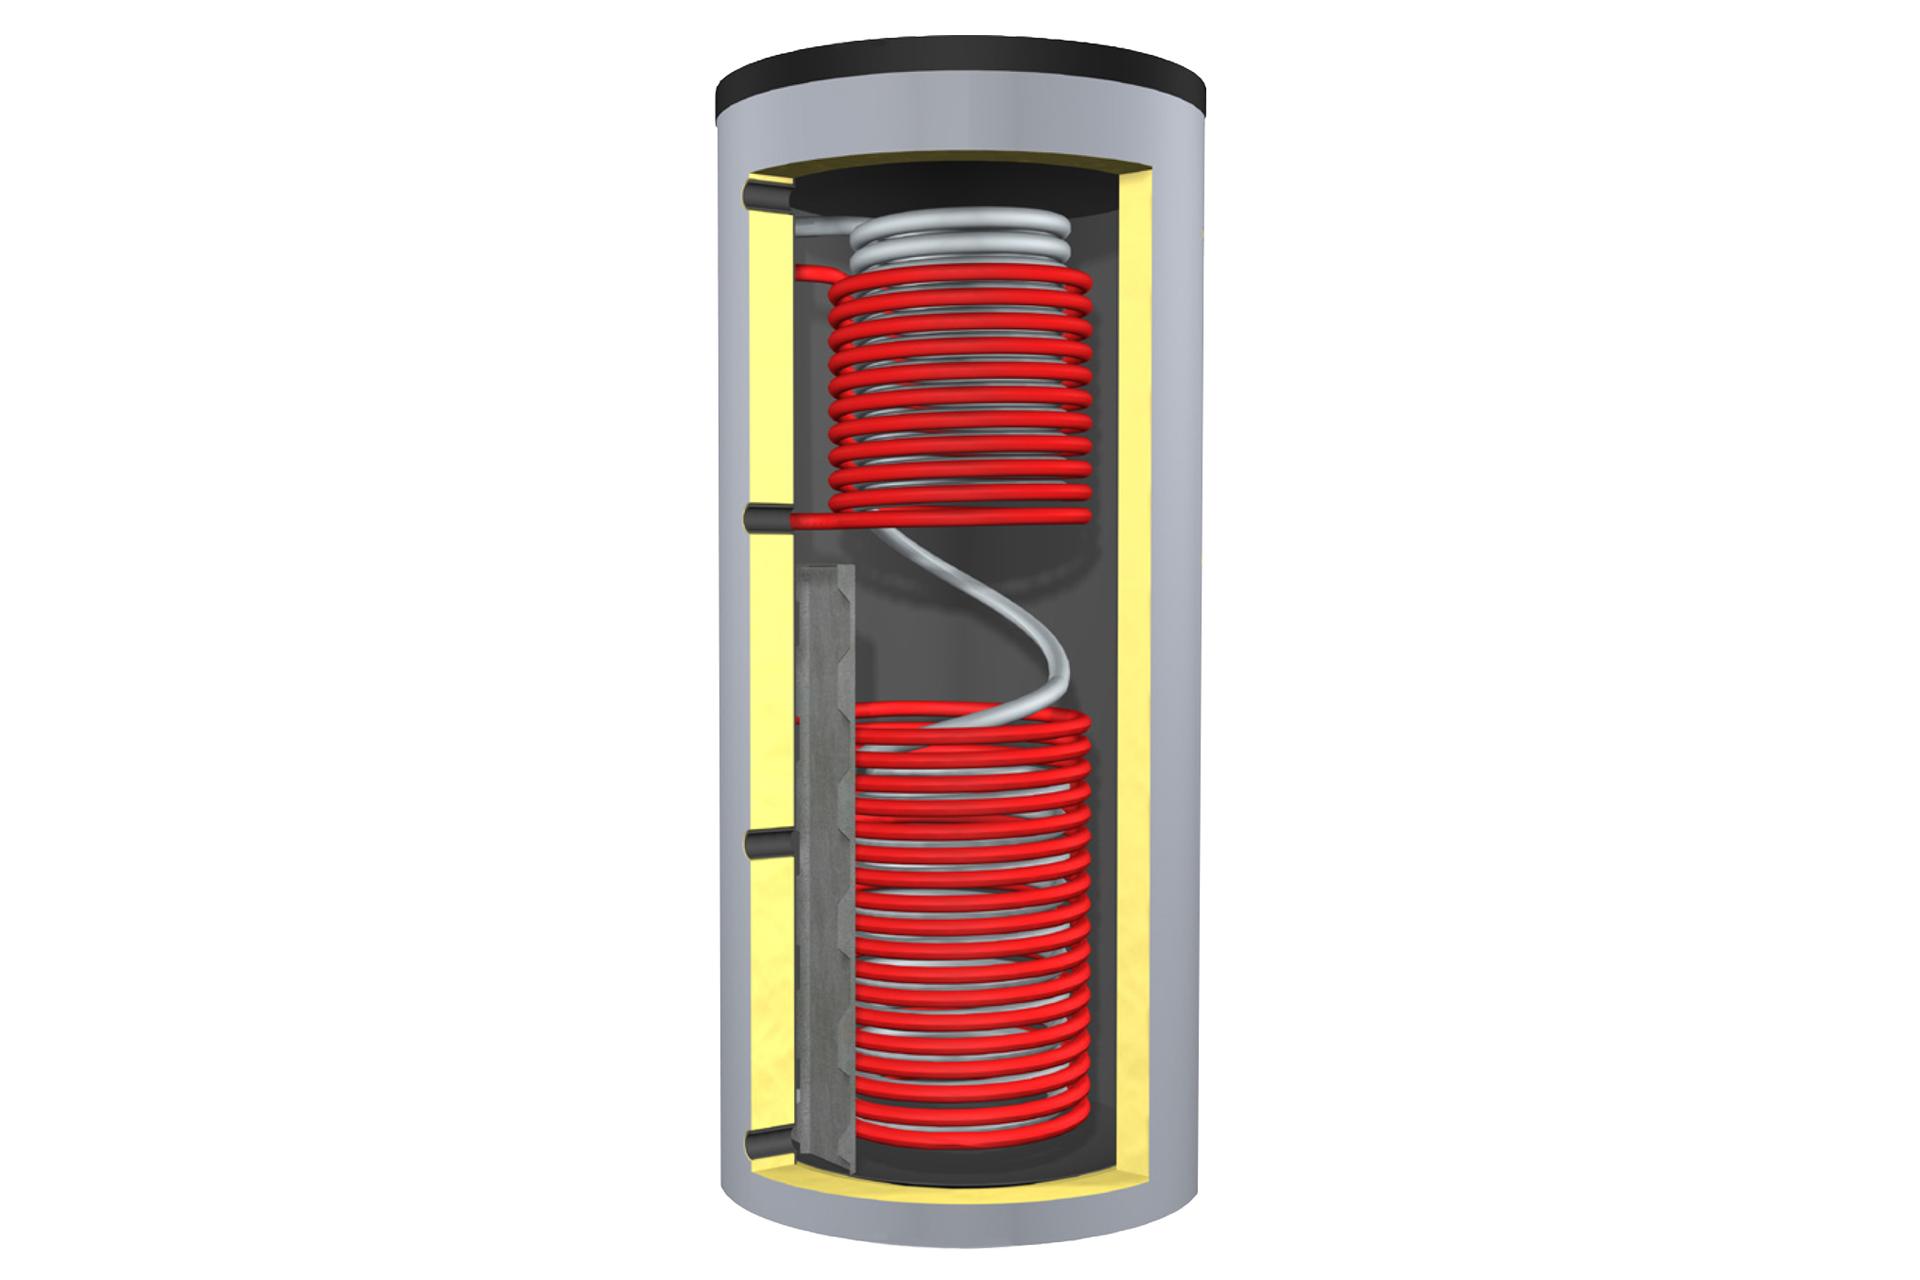 Scheitholzanlagen - Solarschichtspeicher